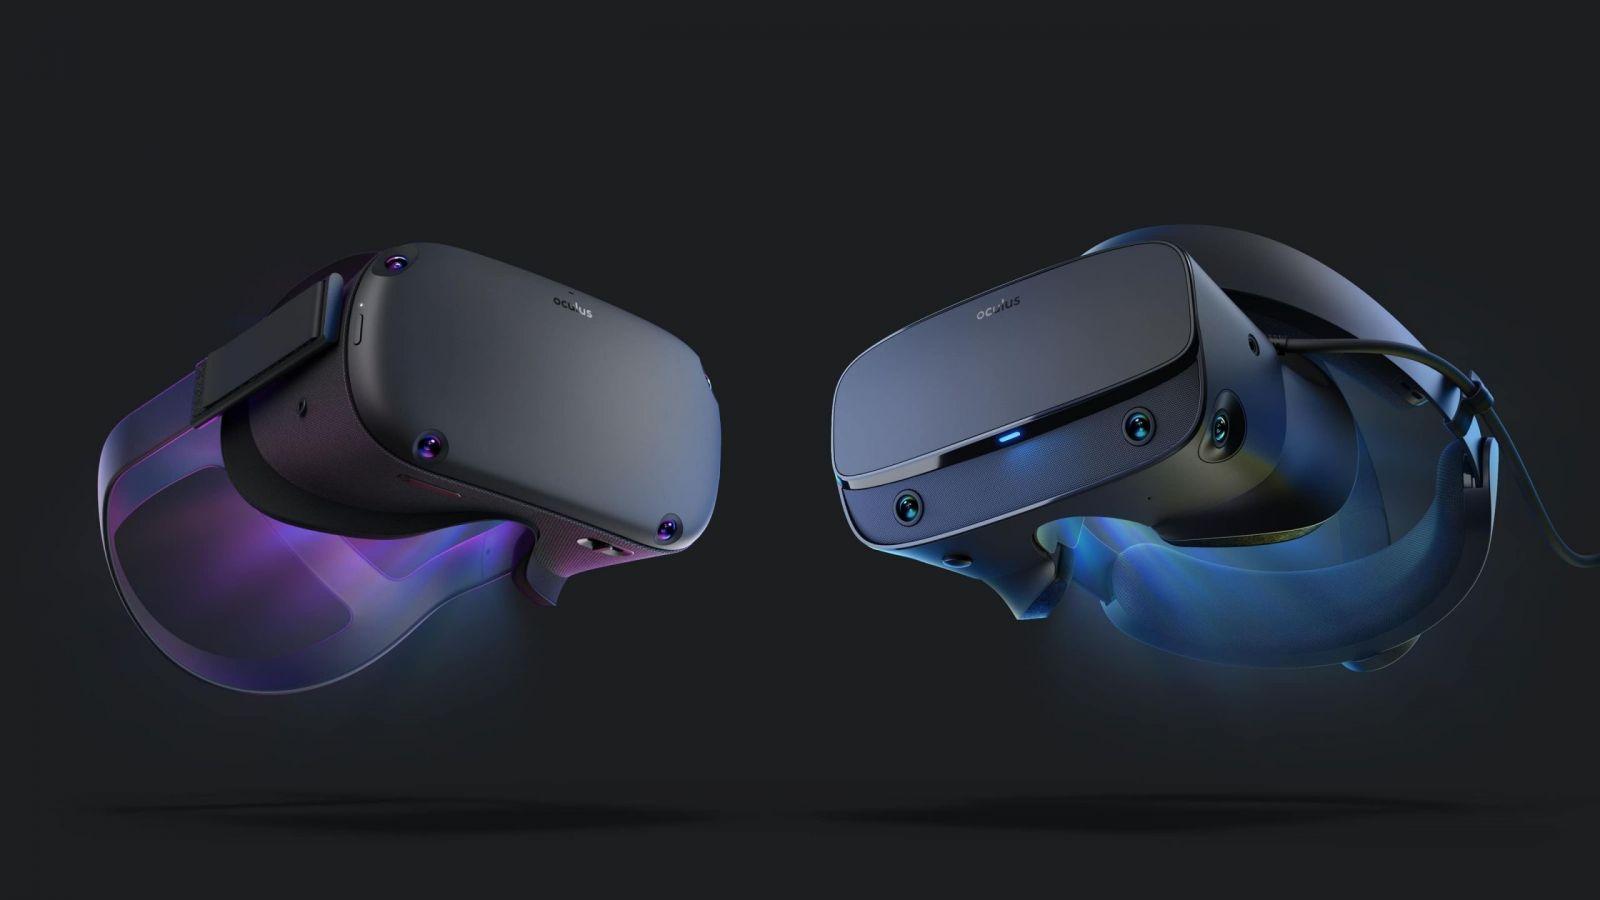 Facebook забанил игроков Oculus, которые использовали больше одной гарнитуры (15 scaled)